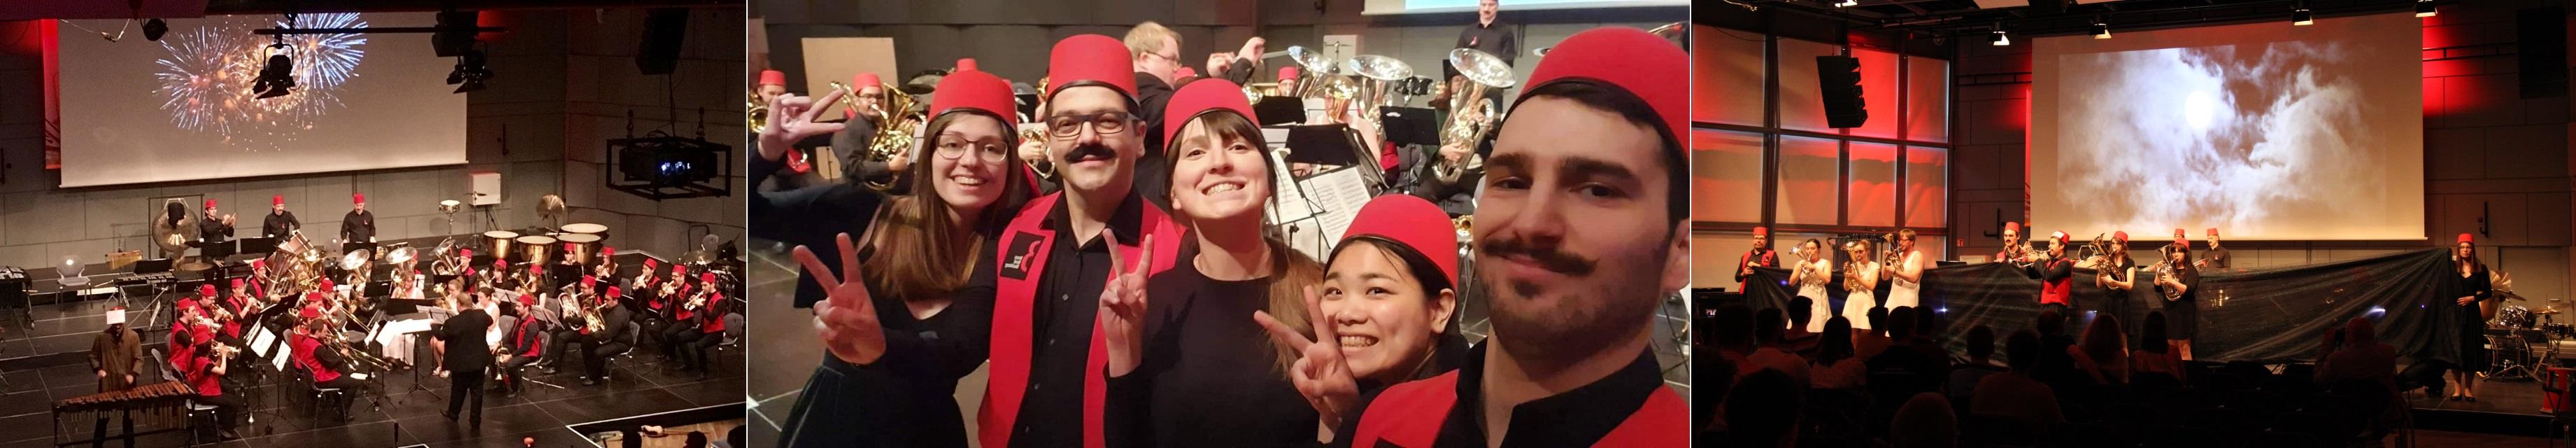 Brass Band BlechKLANG gewinnt Brass Band Entertainment Wettbewerb in Osnabrück